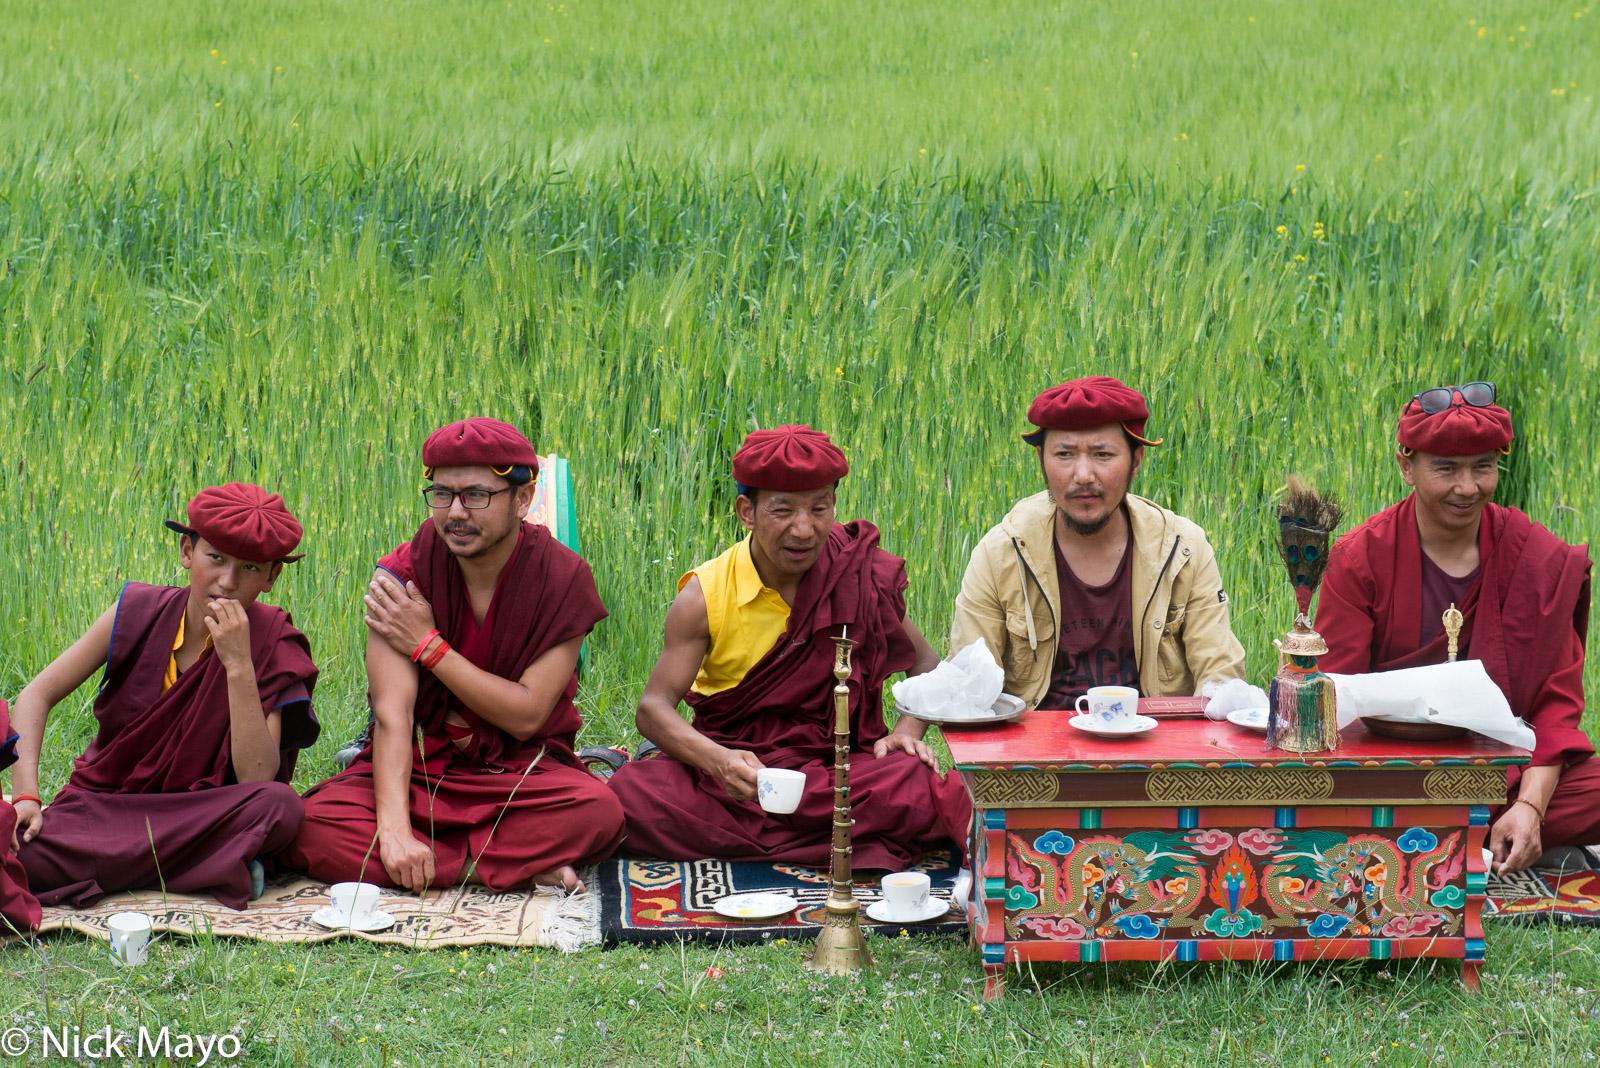 Horn, India, Ladakh, Monk, Religious Ritual, photo